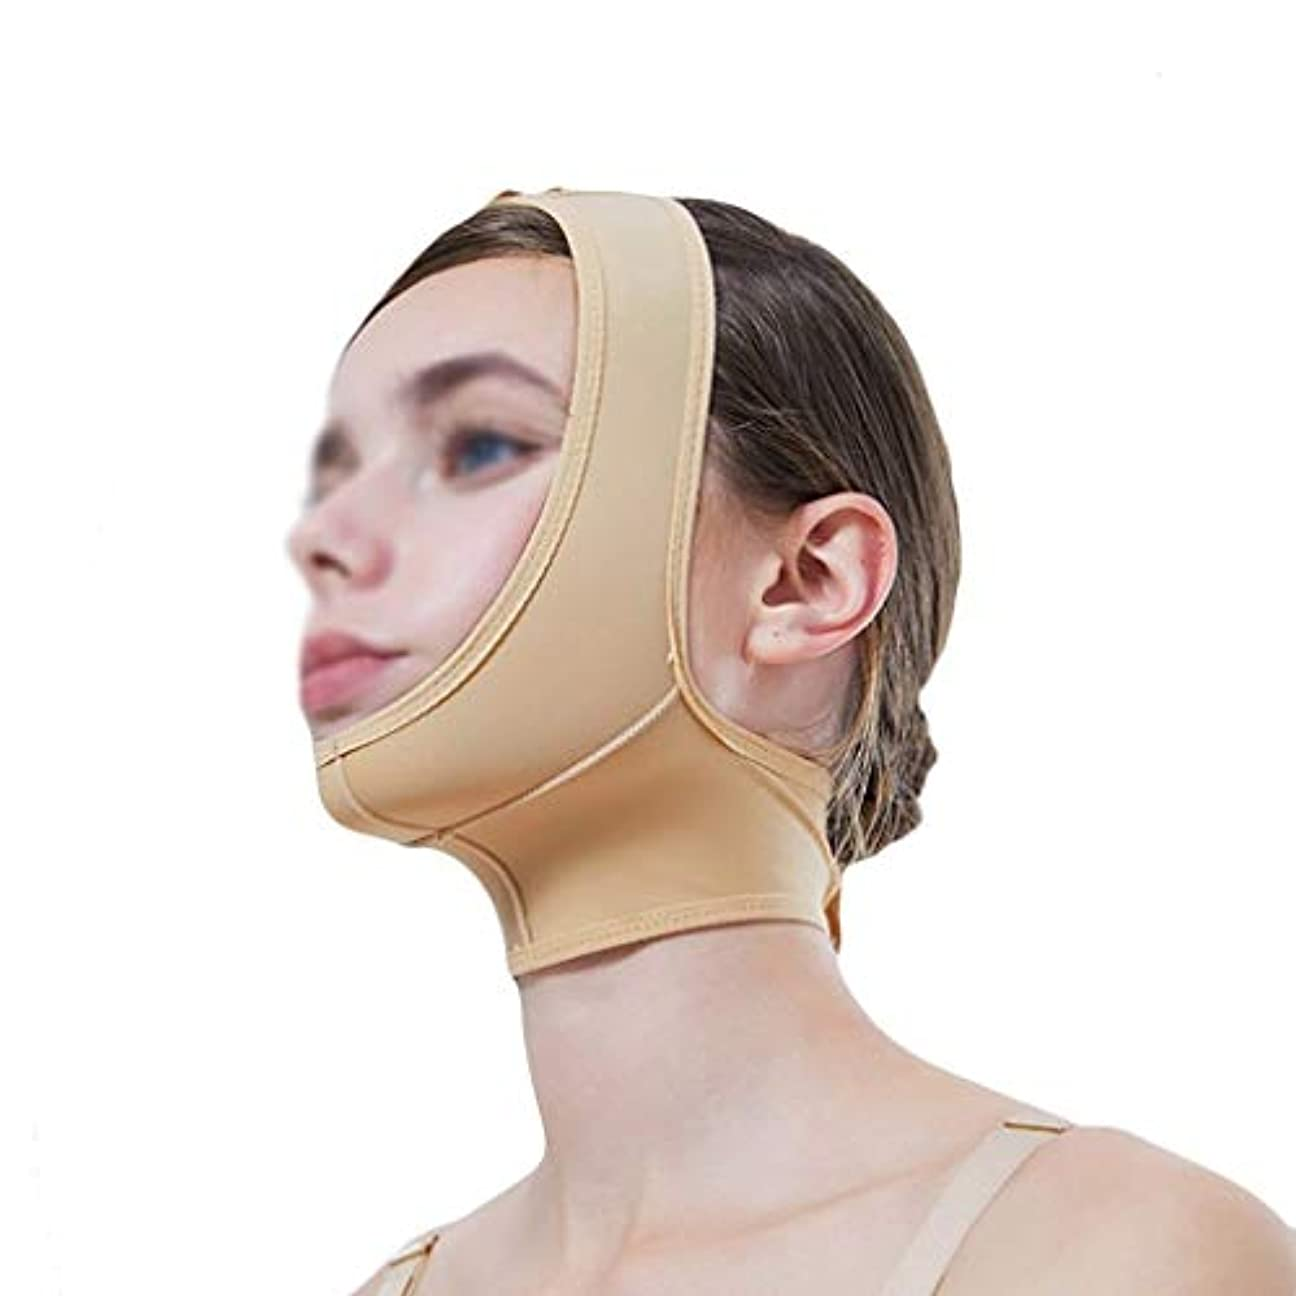 引き出し解体するリングマスク、超薄型ベルト、フェイスリフティングに適し、フェイスリフティング、通気性包帯、あご取りベルト、超薄型ベルト、通気性(サイズ:XL),S